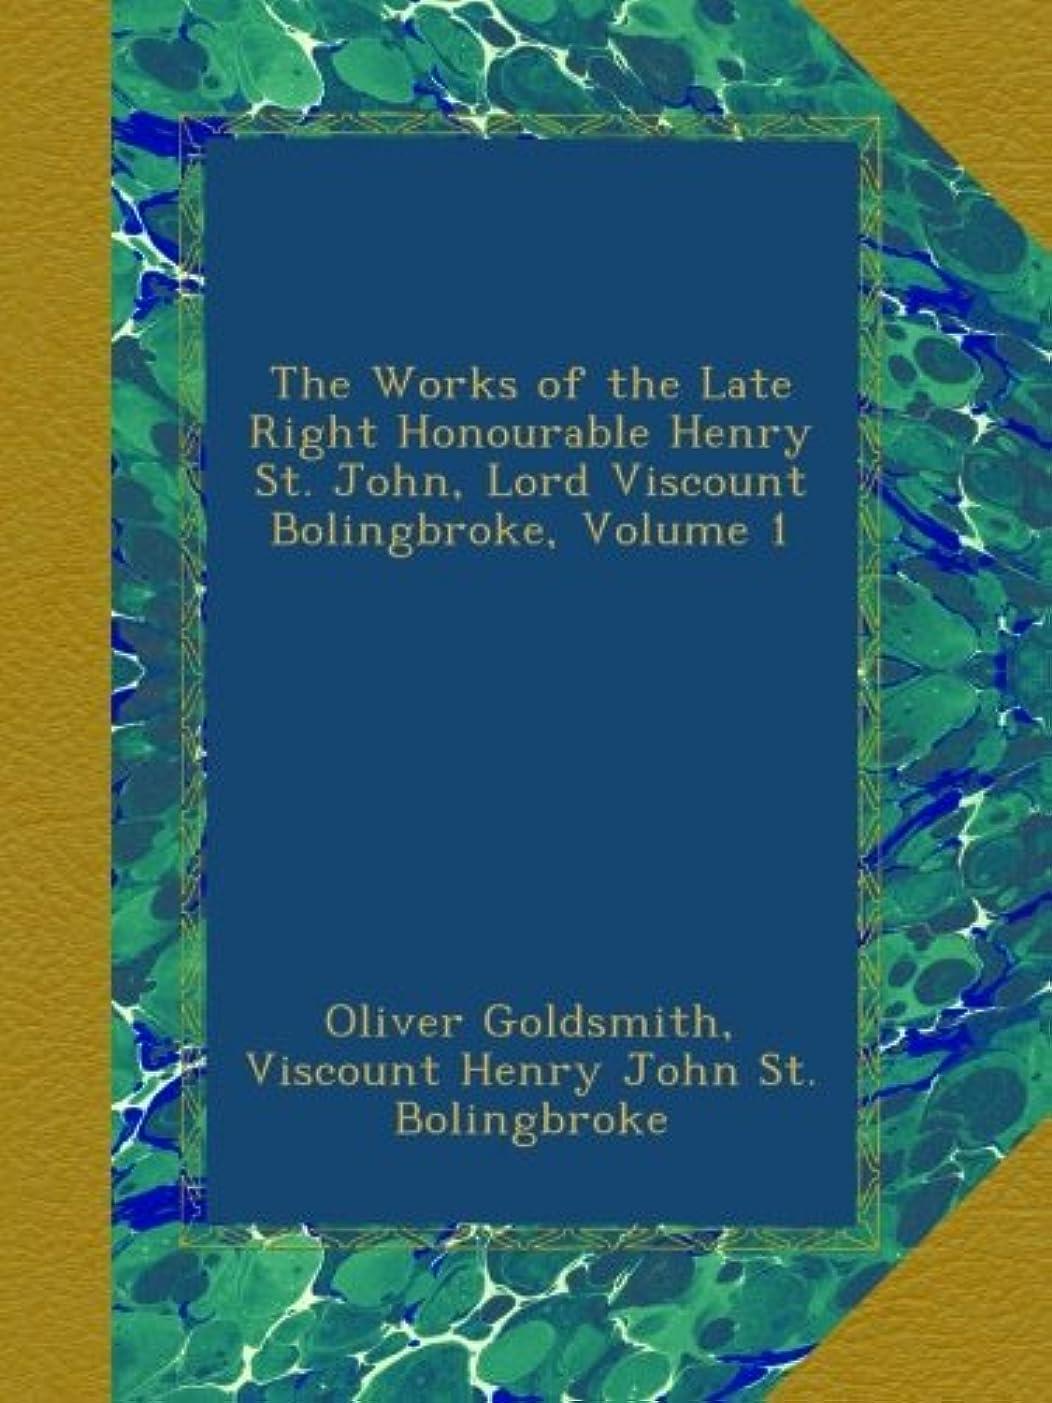 スナッチ一握り招待The Works of the Late Right Honourable Henry St. John, Lord Viscount Bolingbroke, Volume 1